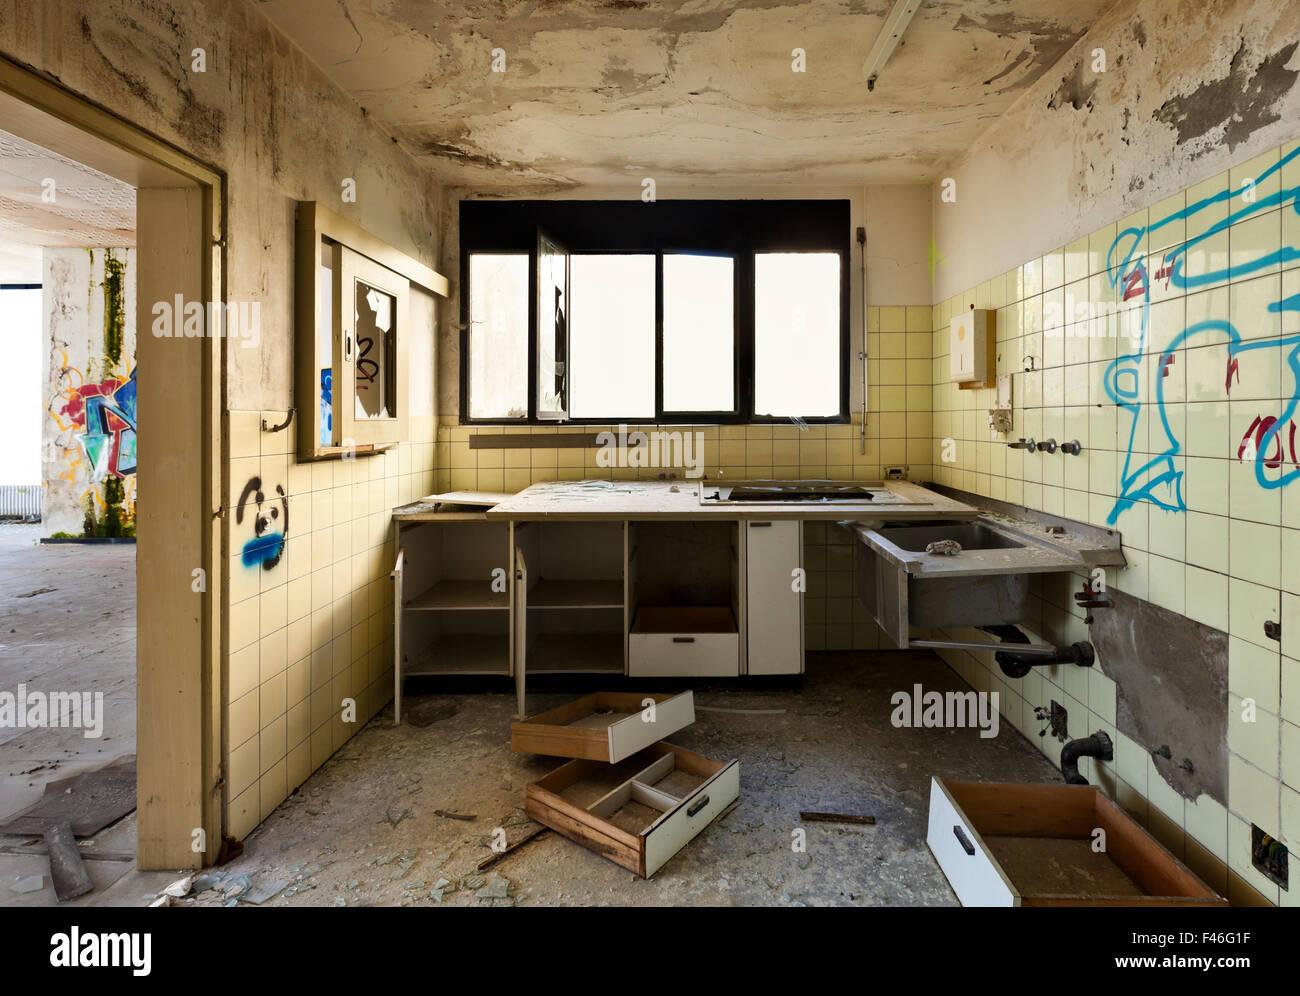 old kitchen destroyed interior abandoned stockfotos old kitchen destroyed interior abandoned. Black Bedroom Furniture Sets. Home Design Ideas